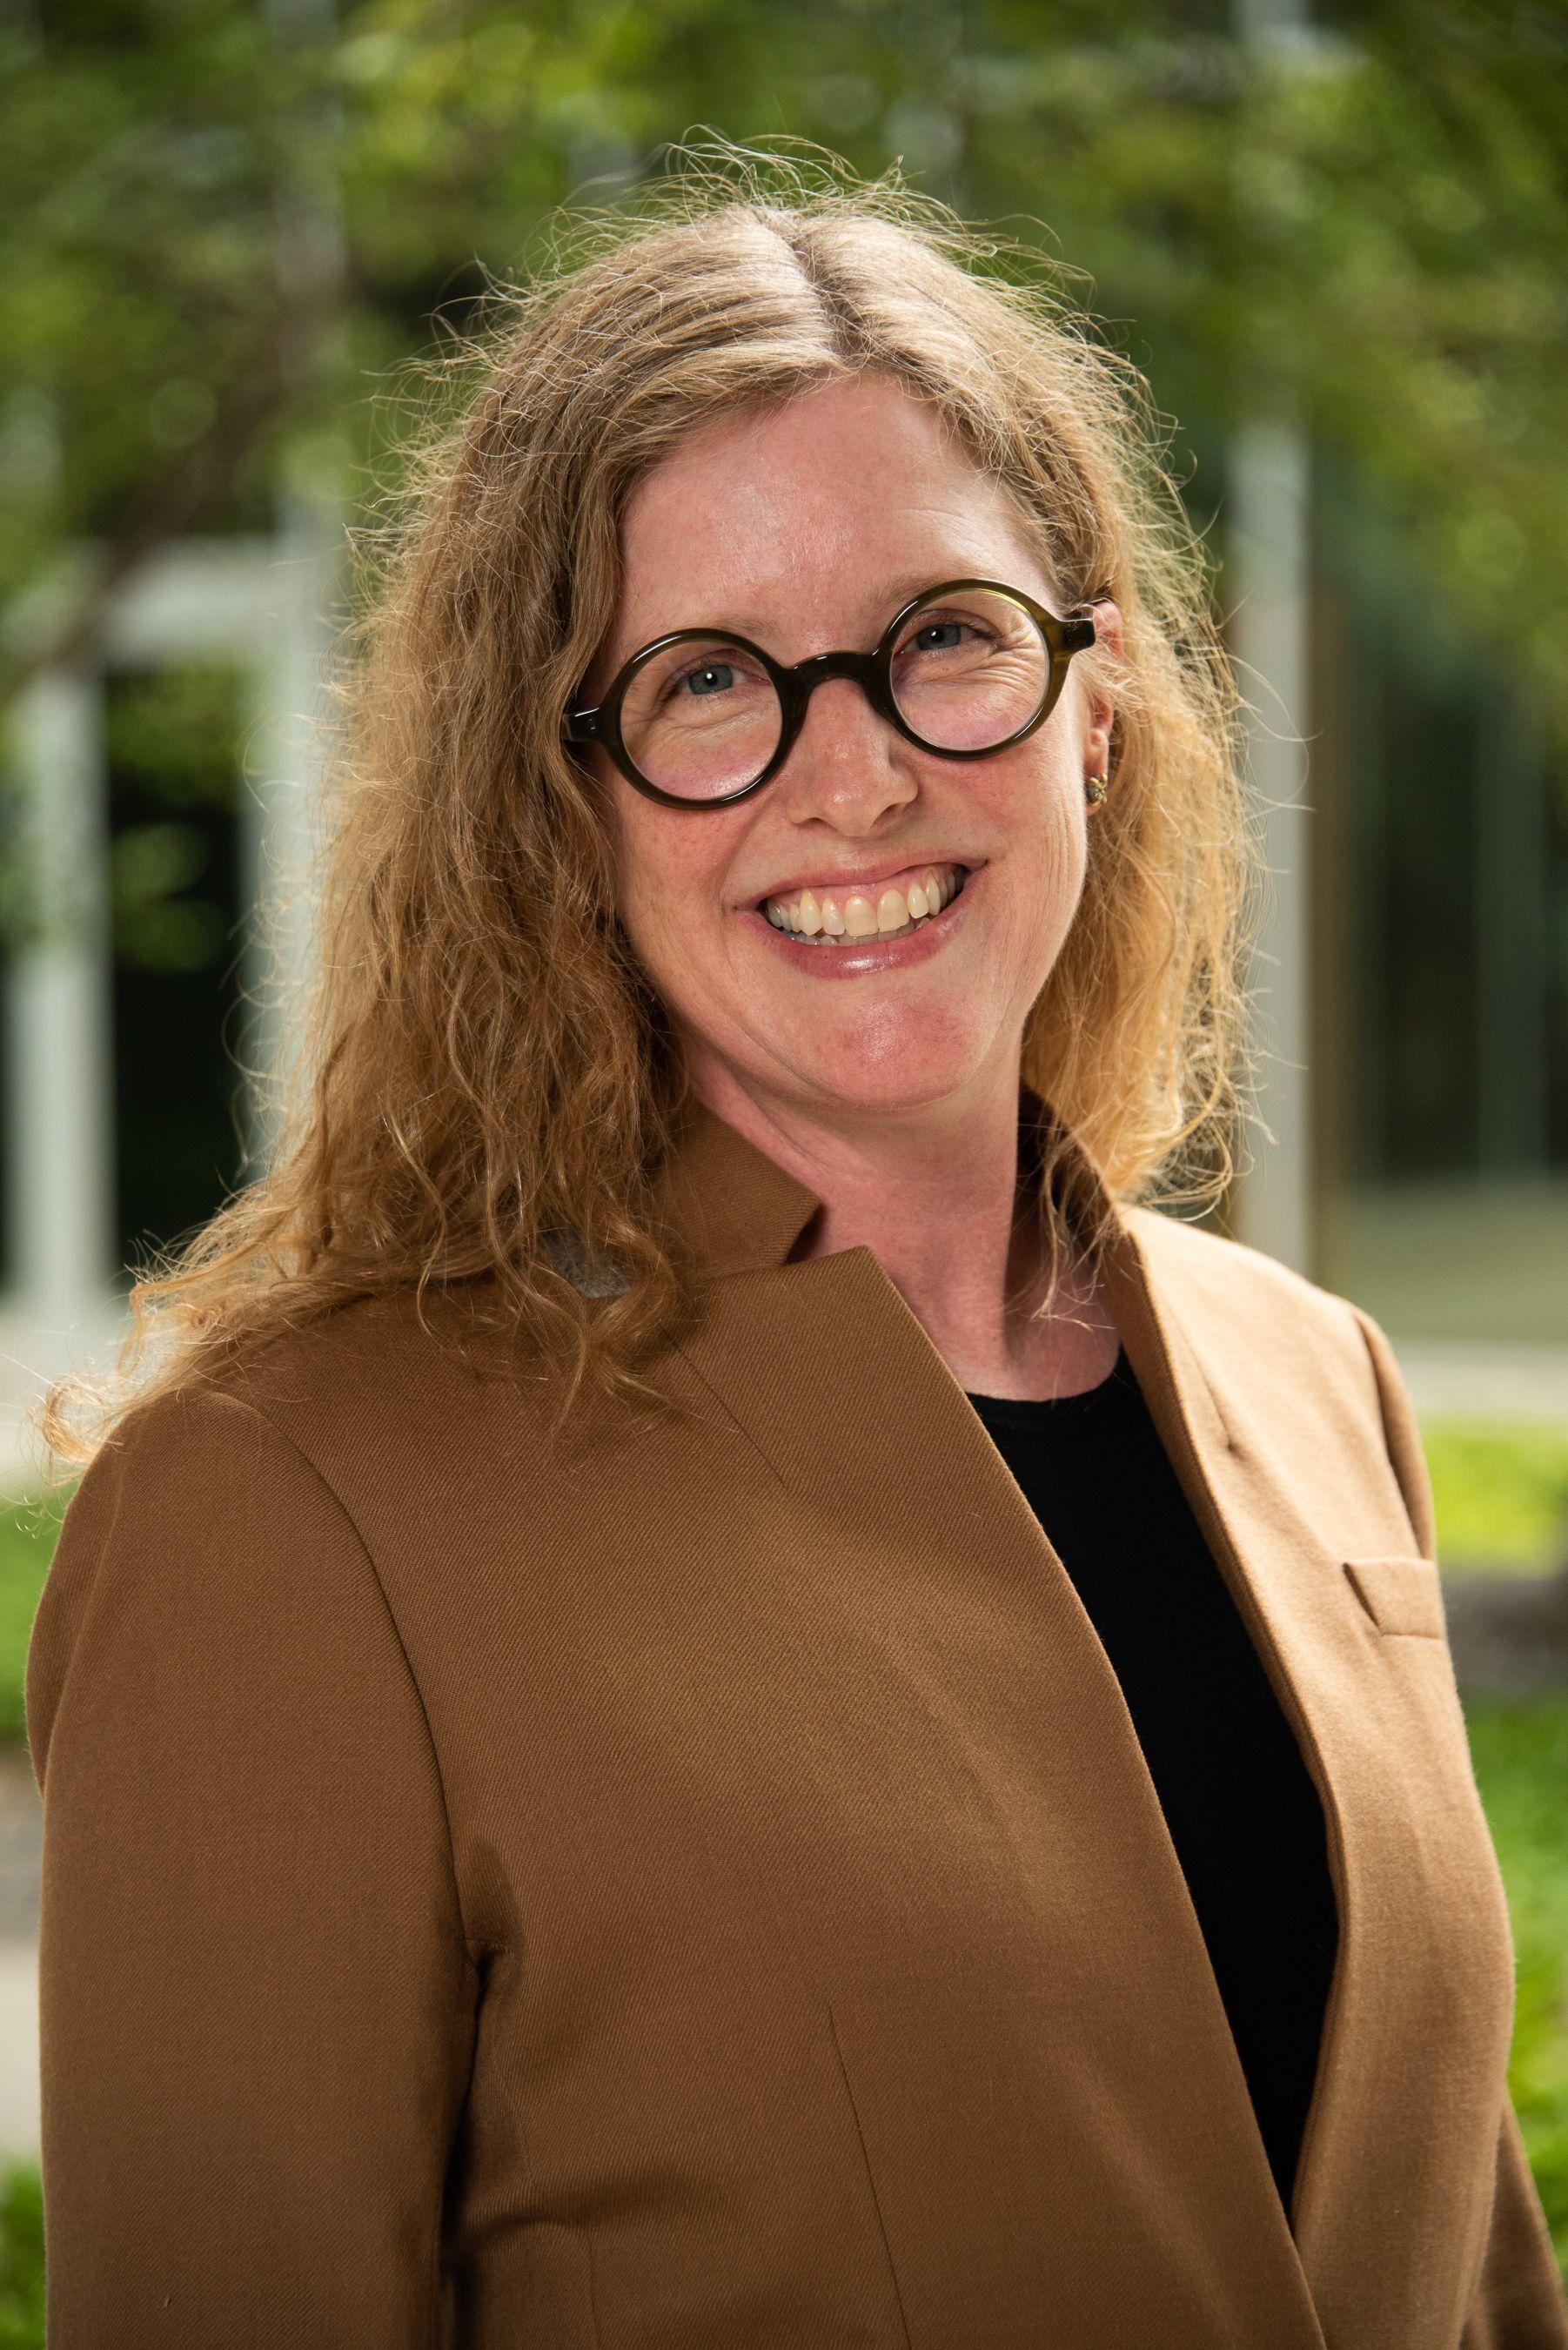 Lisa Janssen